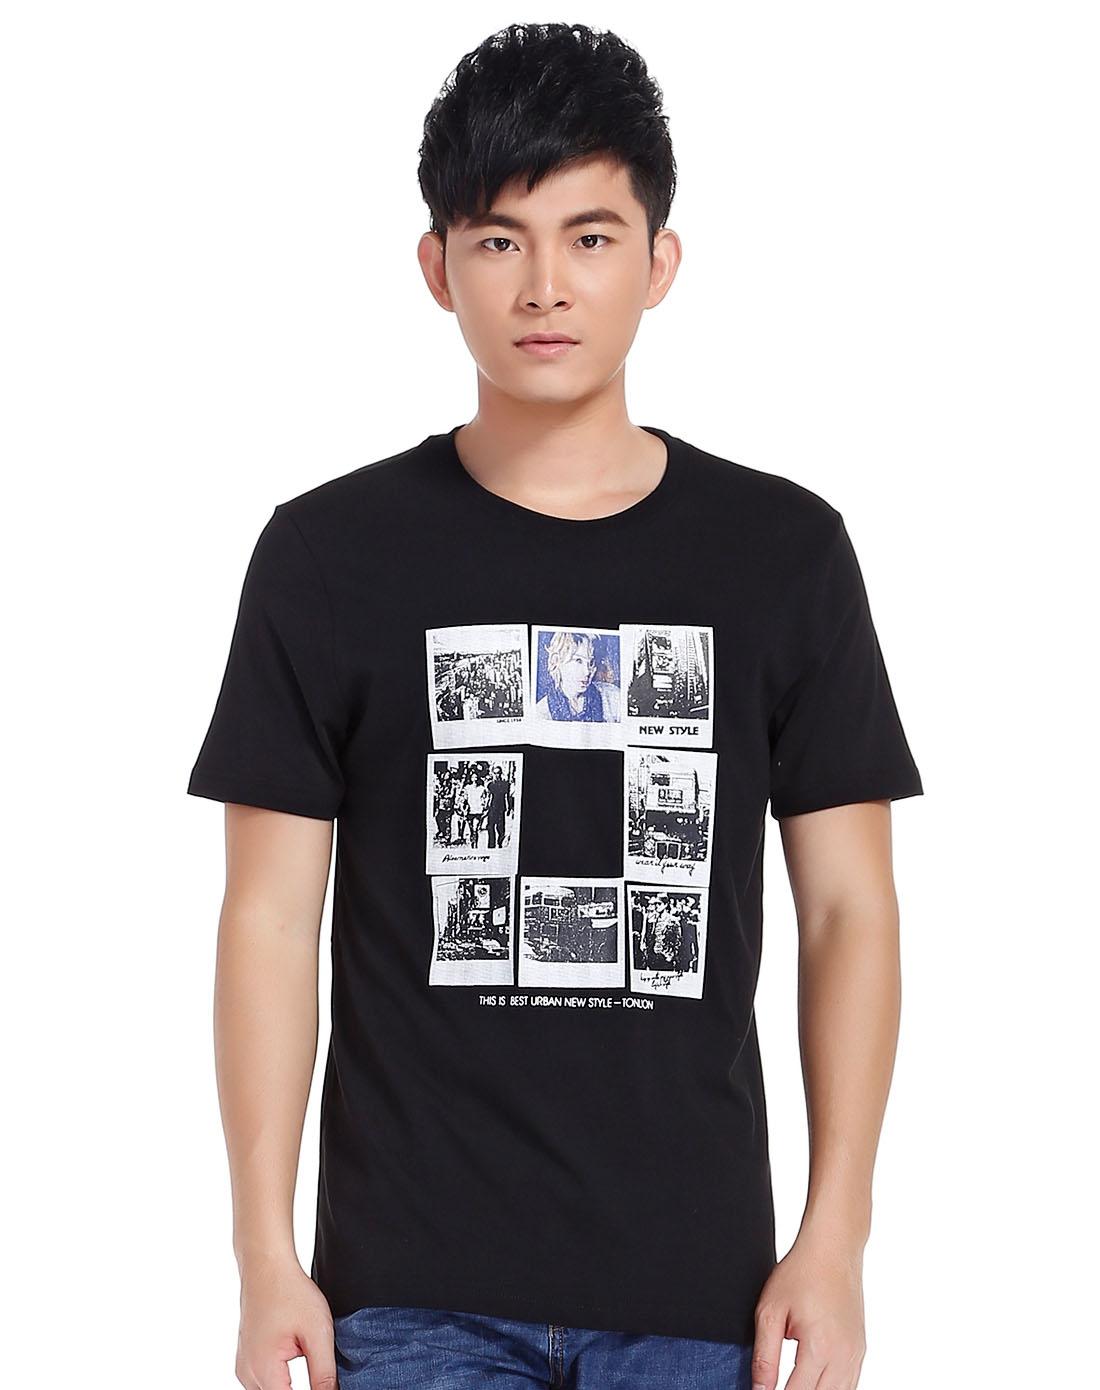 在T恤上印照片图案的机器叫什么 多少钱